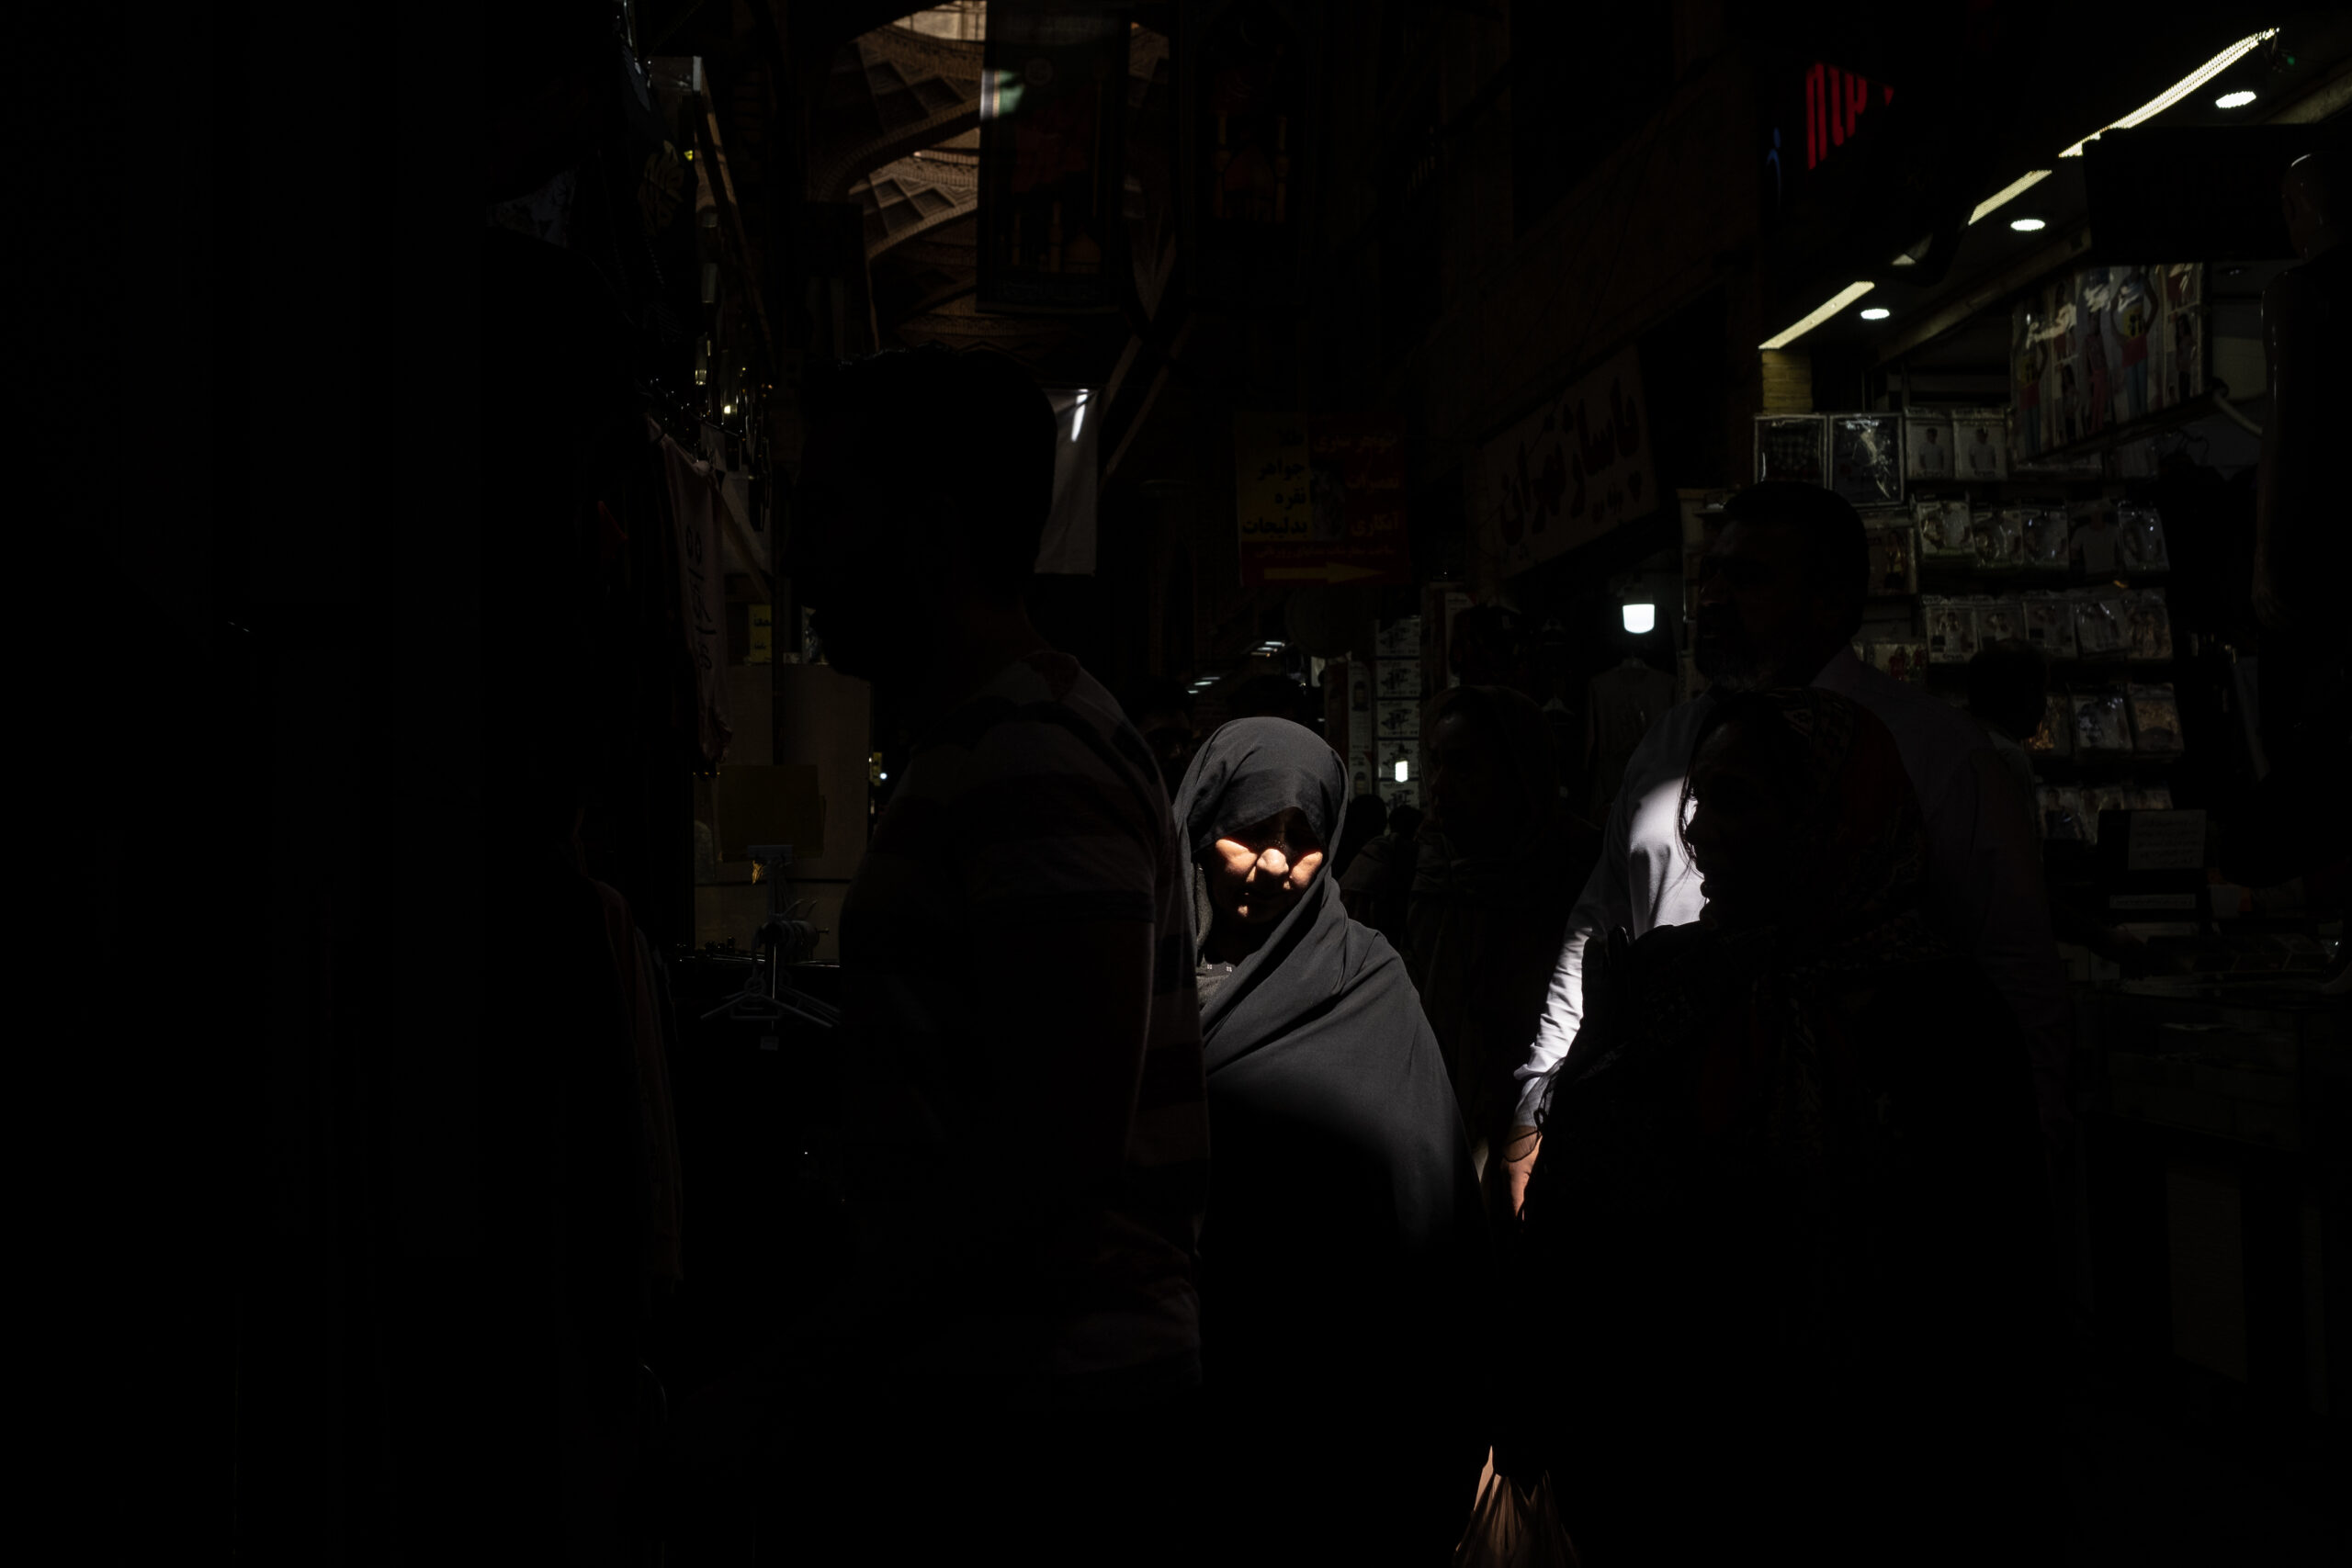 Segundo Premio. Categoría: Mejor trabajo en el exterior (Serie). Una mujer camina vistiendo su chador color negro por el Gran Bazar en la ciudad de Teherán. Septiembre 30, 2019. Irán.   Reza Shah prohibió el uso del chador en 1936 dentro su política de occidentalización del país. Esa prohibición se relajó bajo el reinado de El Shah Mohammad Reza Pahlaví. En la actualidad la revolución iraní ve el chador conforme al código de vestimenta islámico. El chador es un instrumento de salvaguarda de la identidad nacional y religiosa frente a la occidentalización. La república islámica de Irán promociona el uso de esta prenda y en ciertos ámbitos la impone.  El chador es un símbolo de la revolución iraní que choca frontalmente con el pensamiento de los más jóvenes del país. La presencia de las mujeres en todas las esferas sociales y su alto nivel de preparación, facilita la reivindicación de sus derechos todavía postergados por la tradición islámica. Andrés Gutiérrez